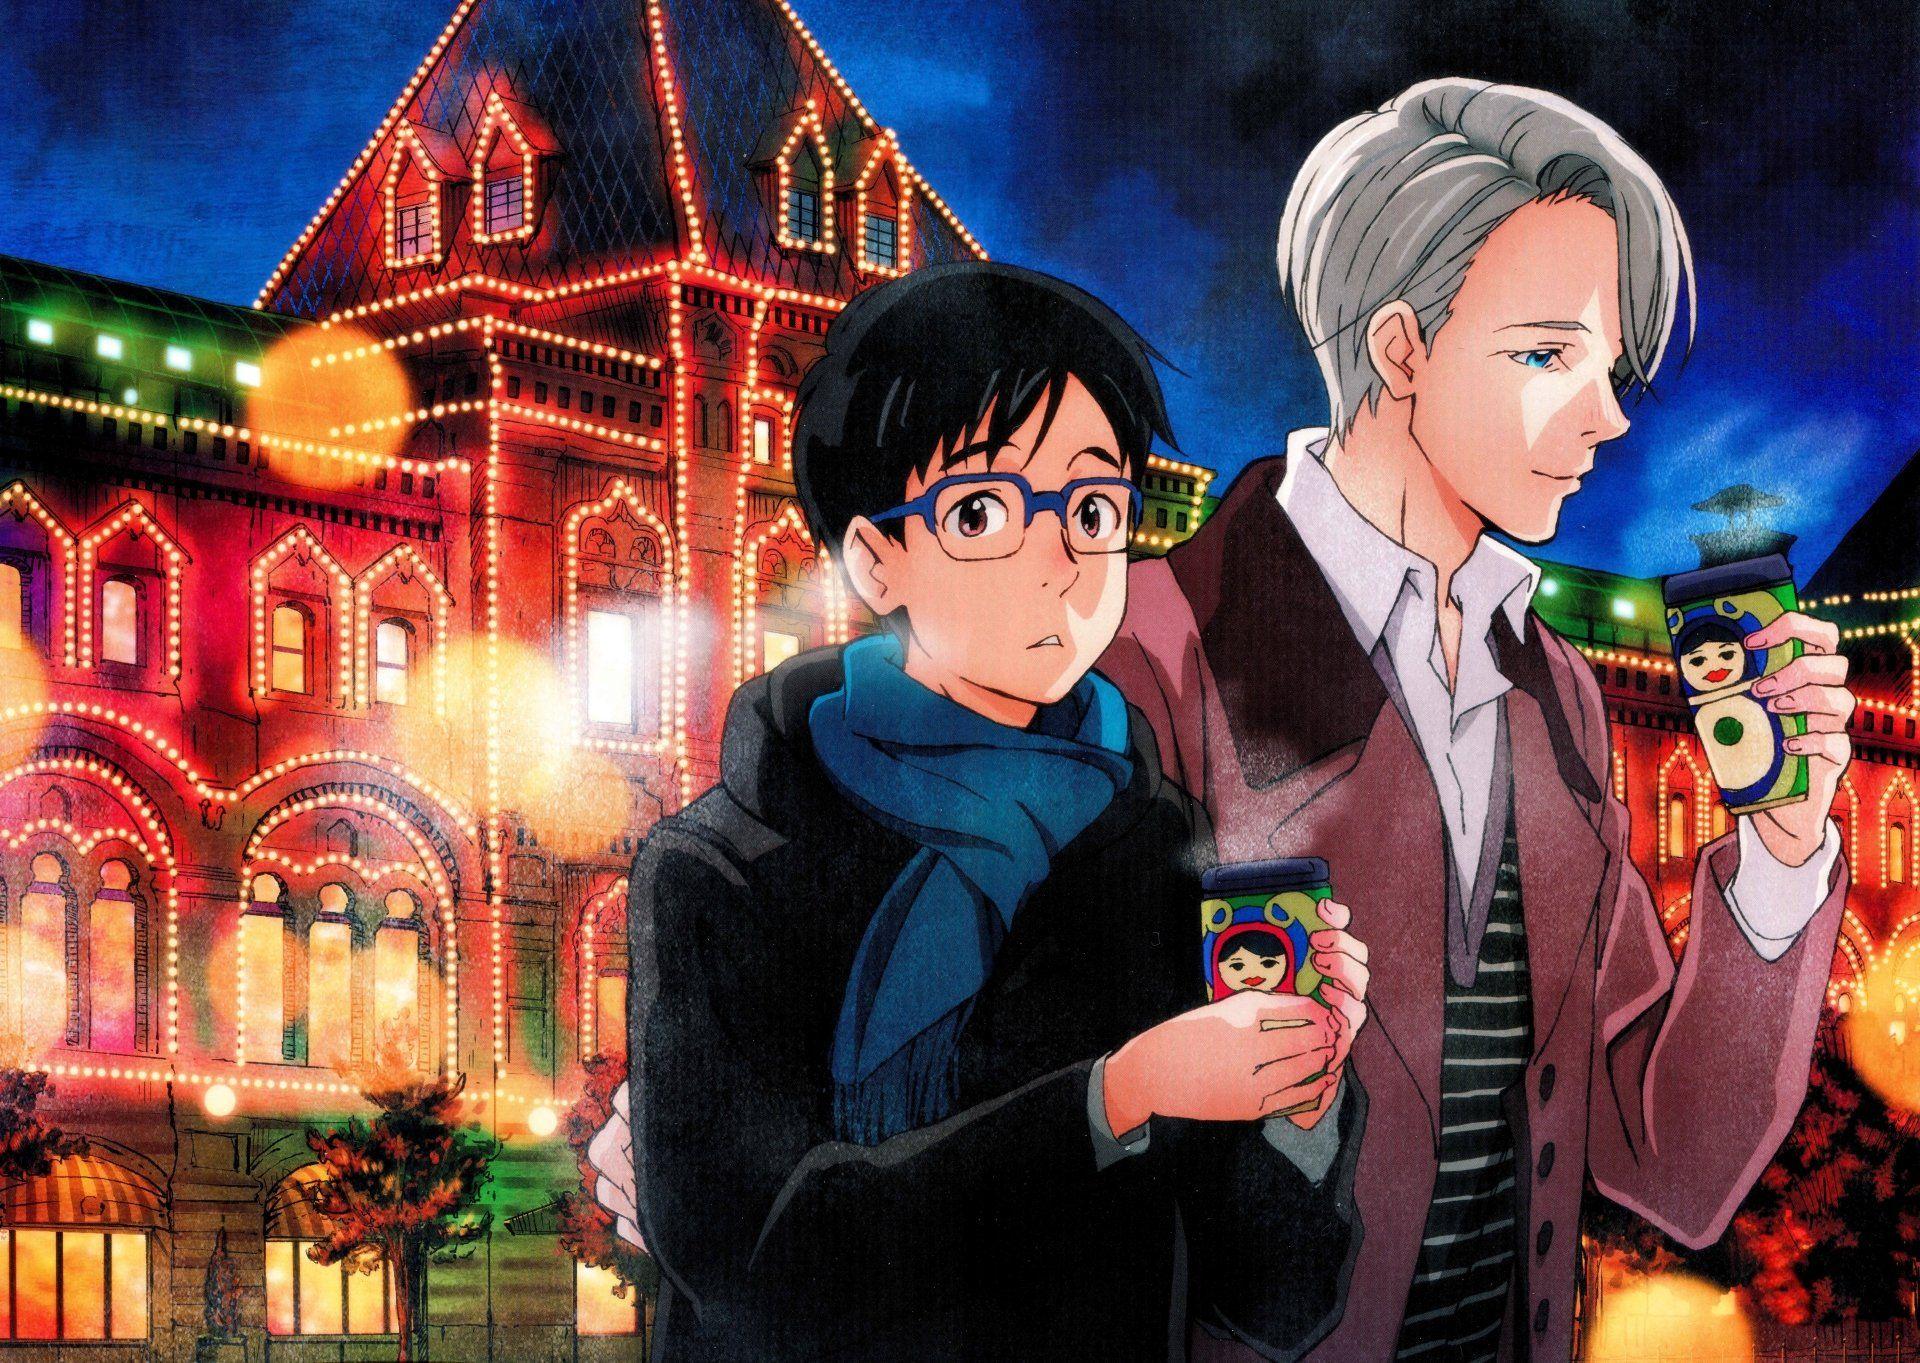 Anime Yuri On Ice Yuuri Katsuki Viktor Nikiforov Wallpaper